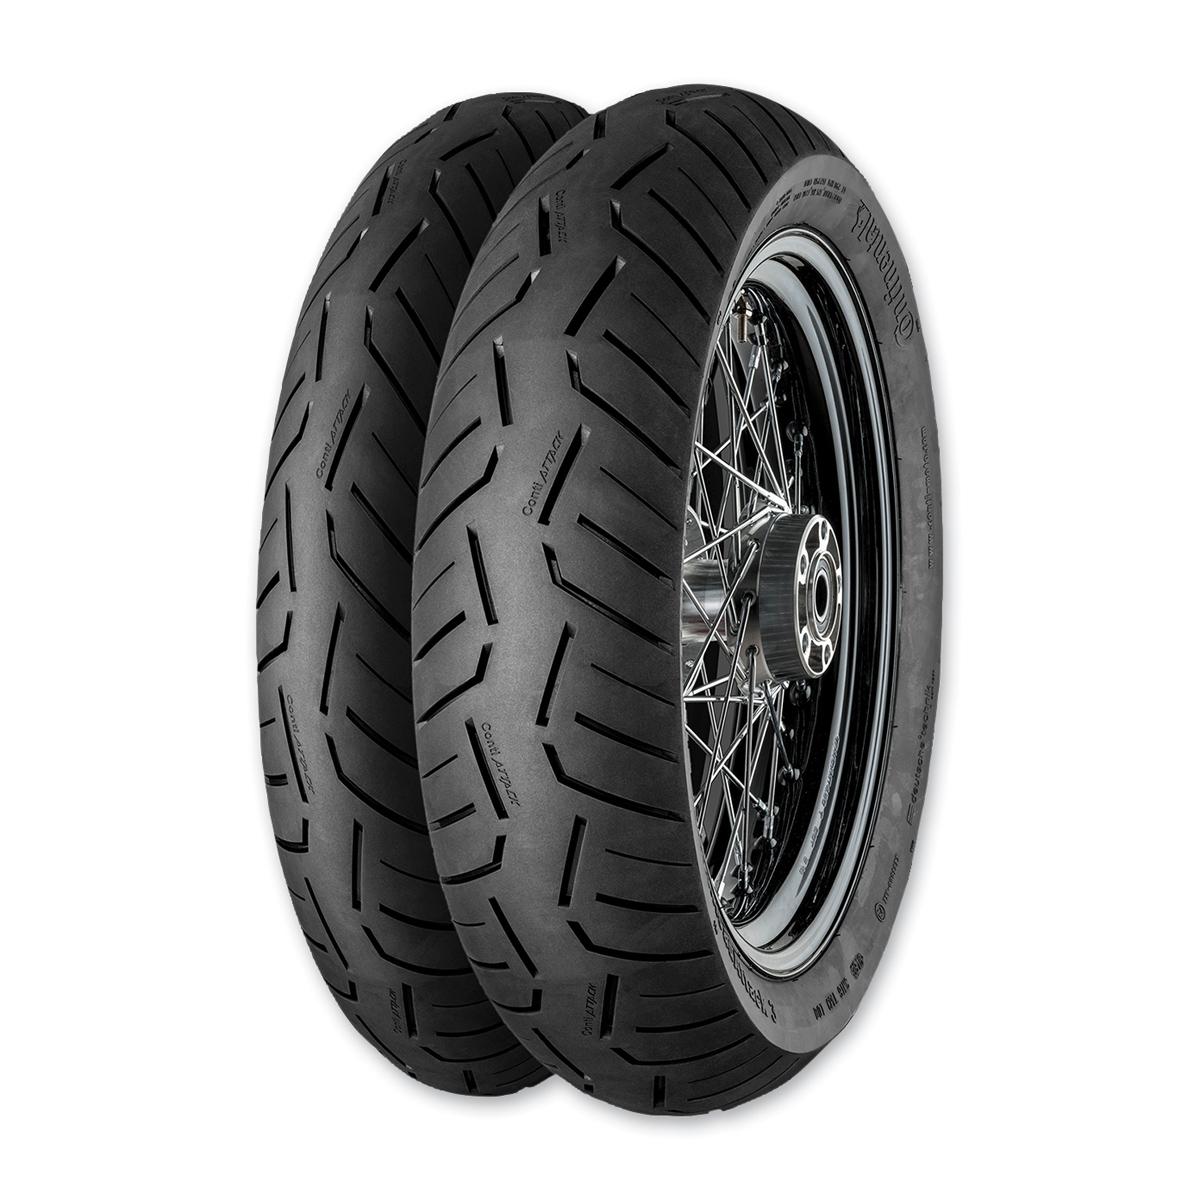 Continental Road Attack 3 150/70ZR17 Rear Tire